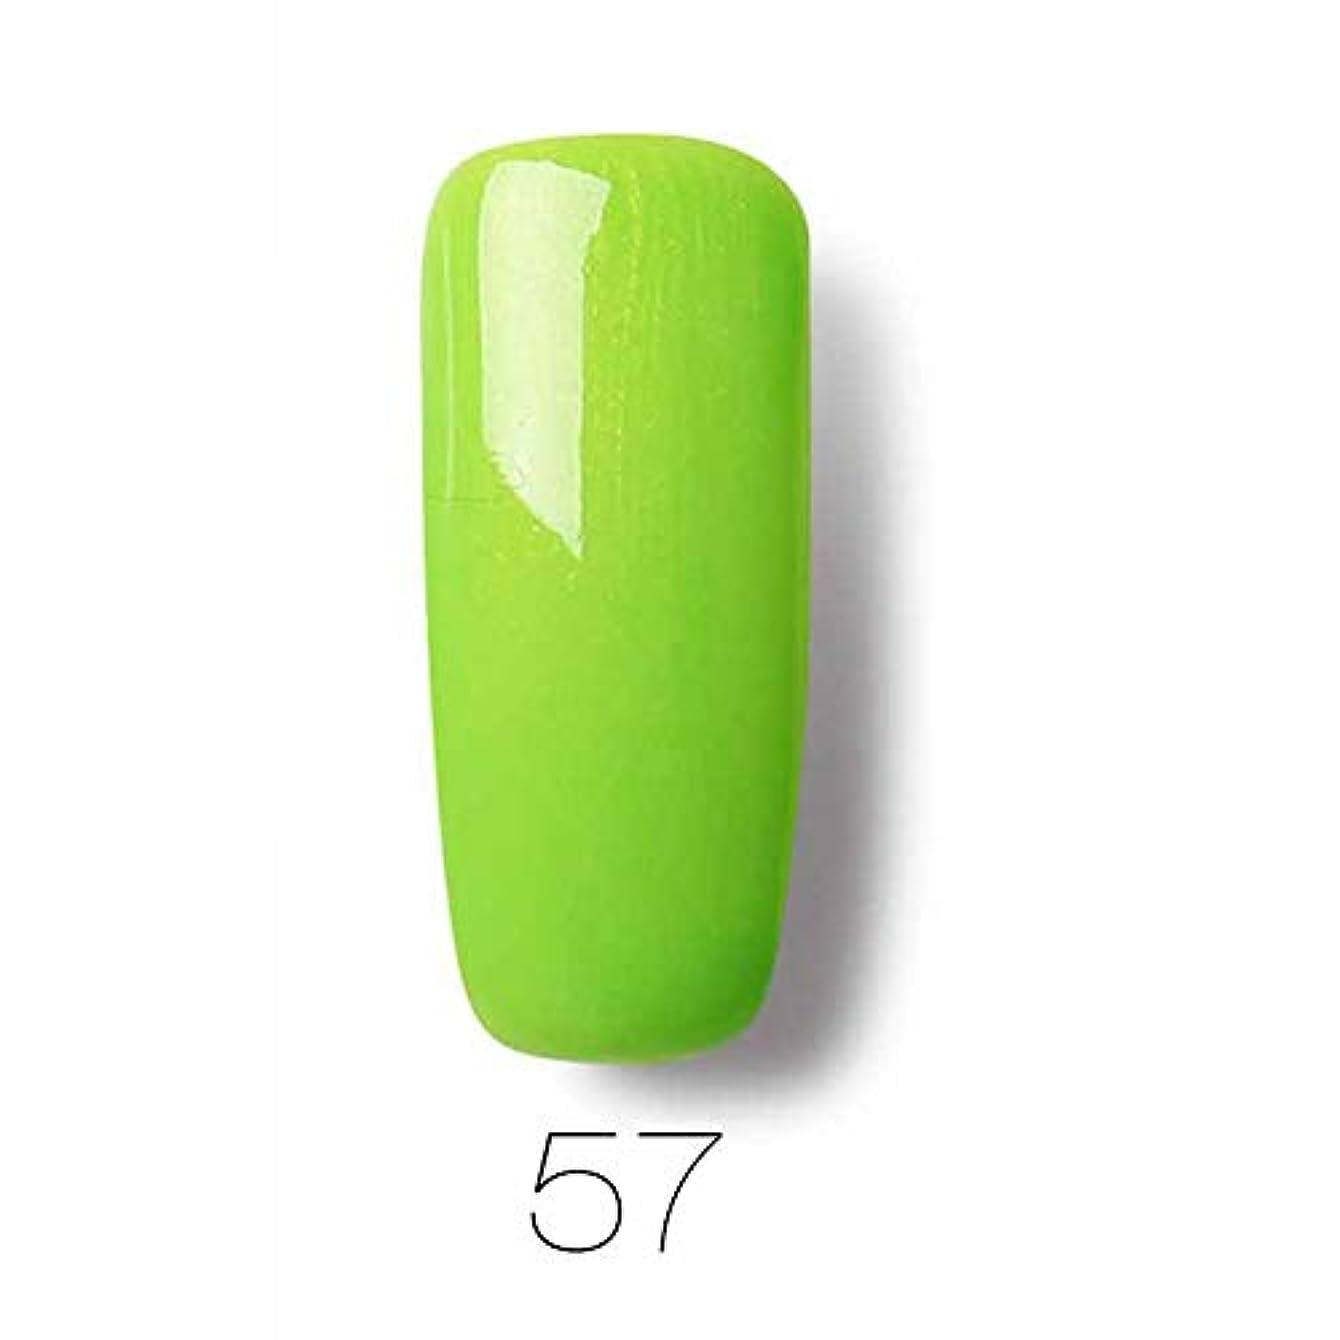 圧縮された特性少なくとも3本セット ジェルネイルペン ベースコート トップコート ネイルアート専用ジェル 人気 5ml/本 (57)